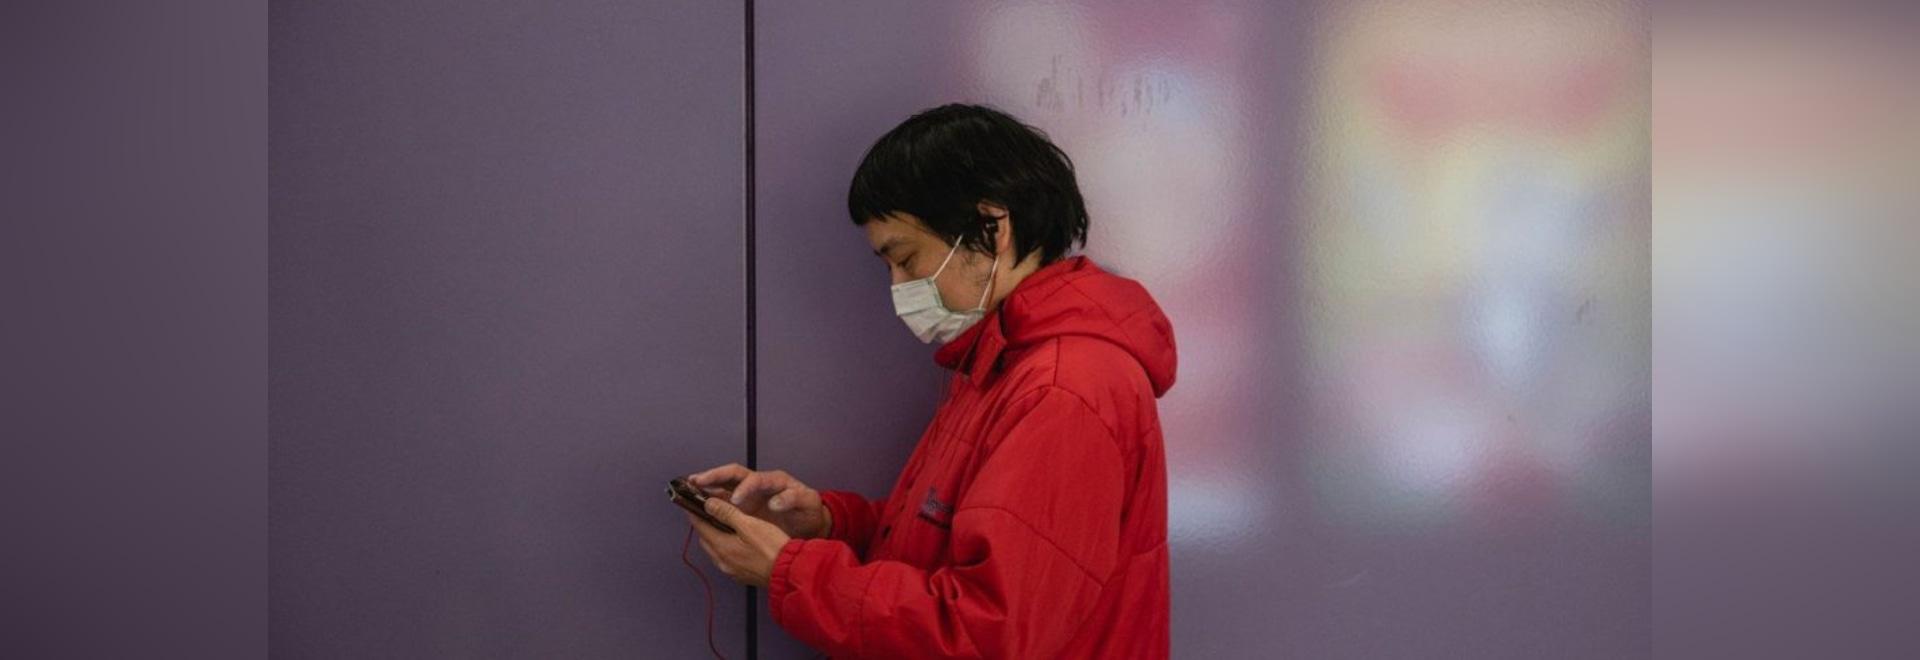 La Chine a lancé une application pour que les gens puissent vérifier leur risque d'attraper le coronavirus